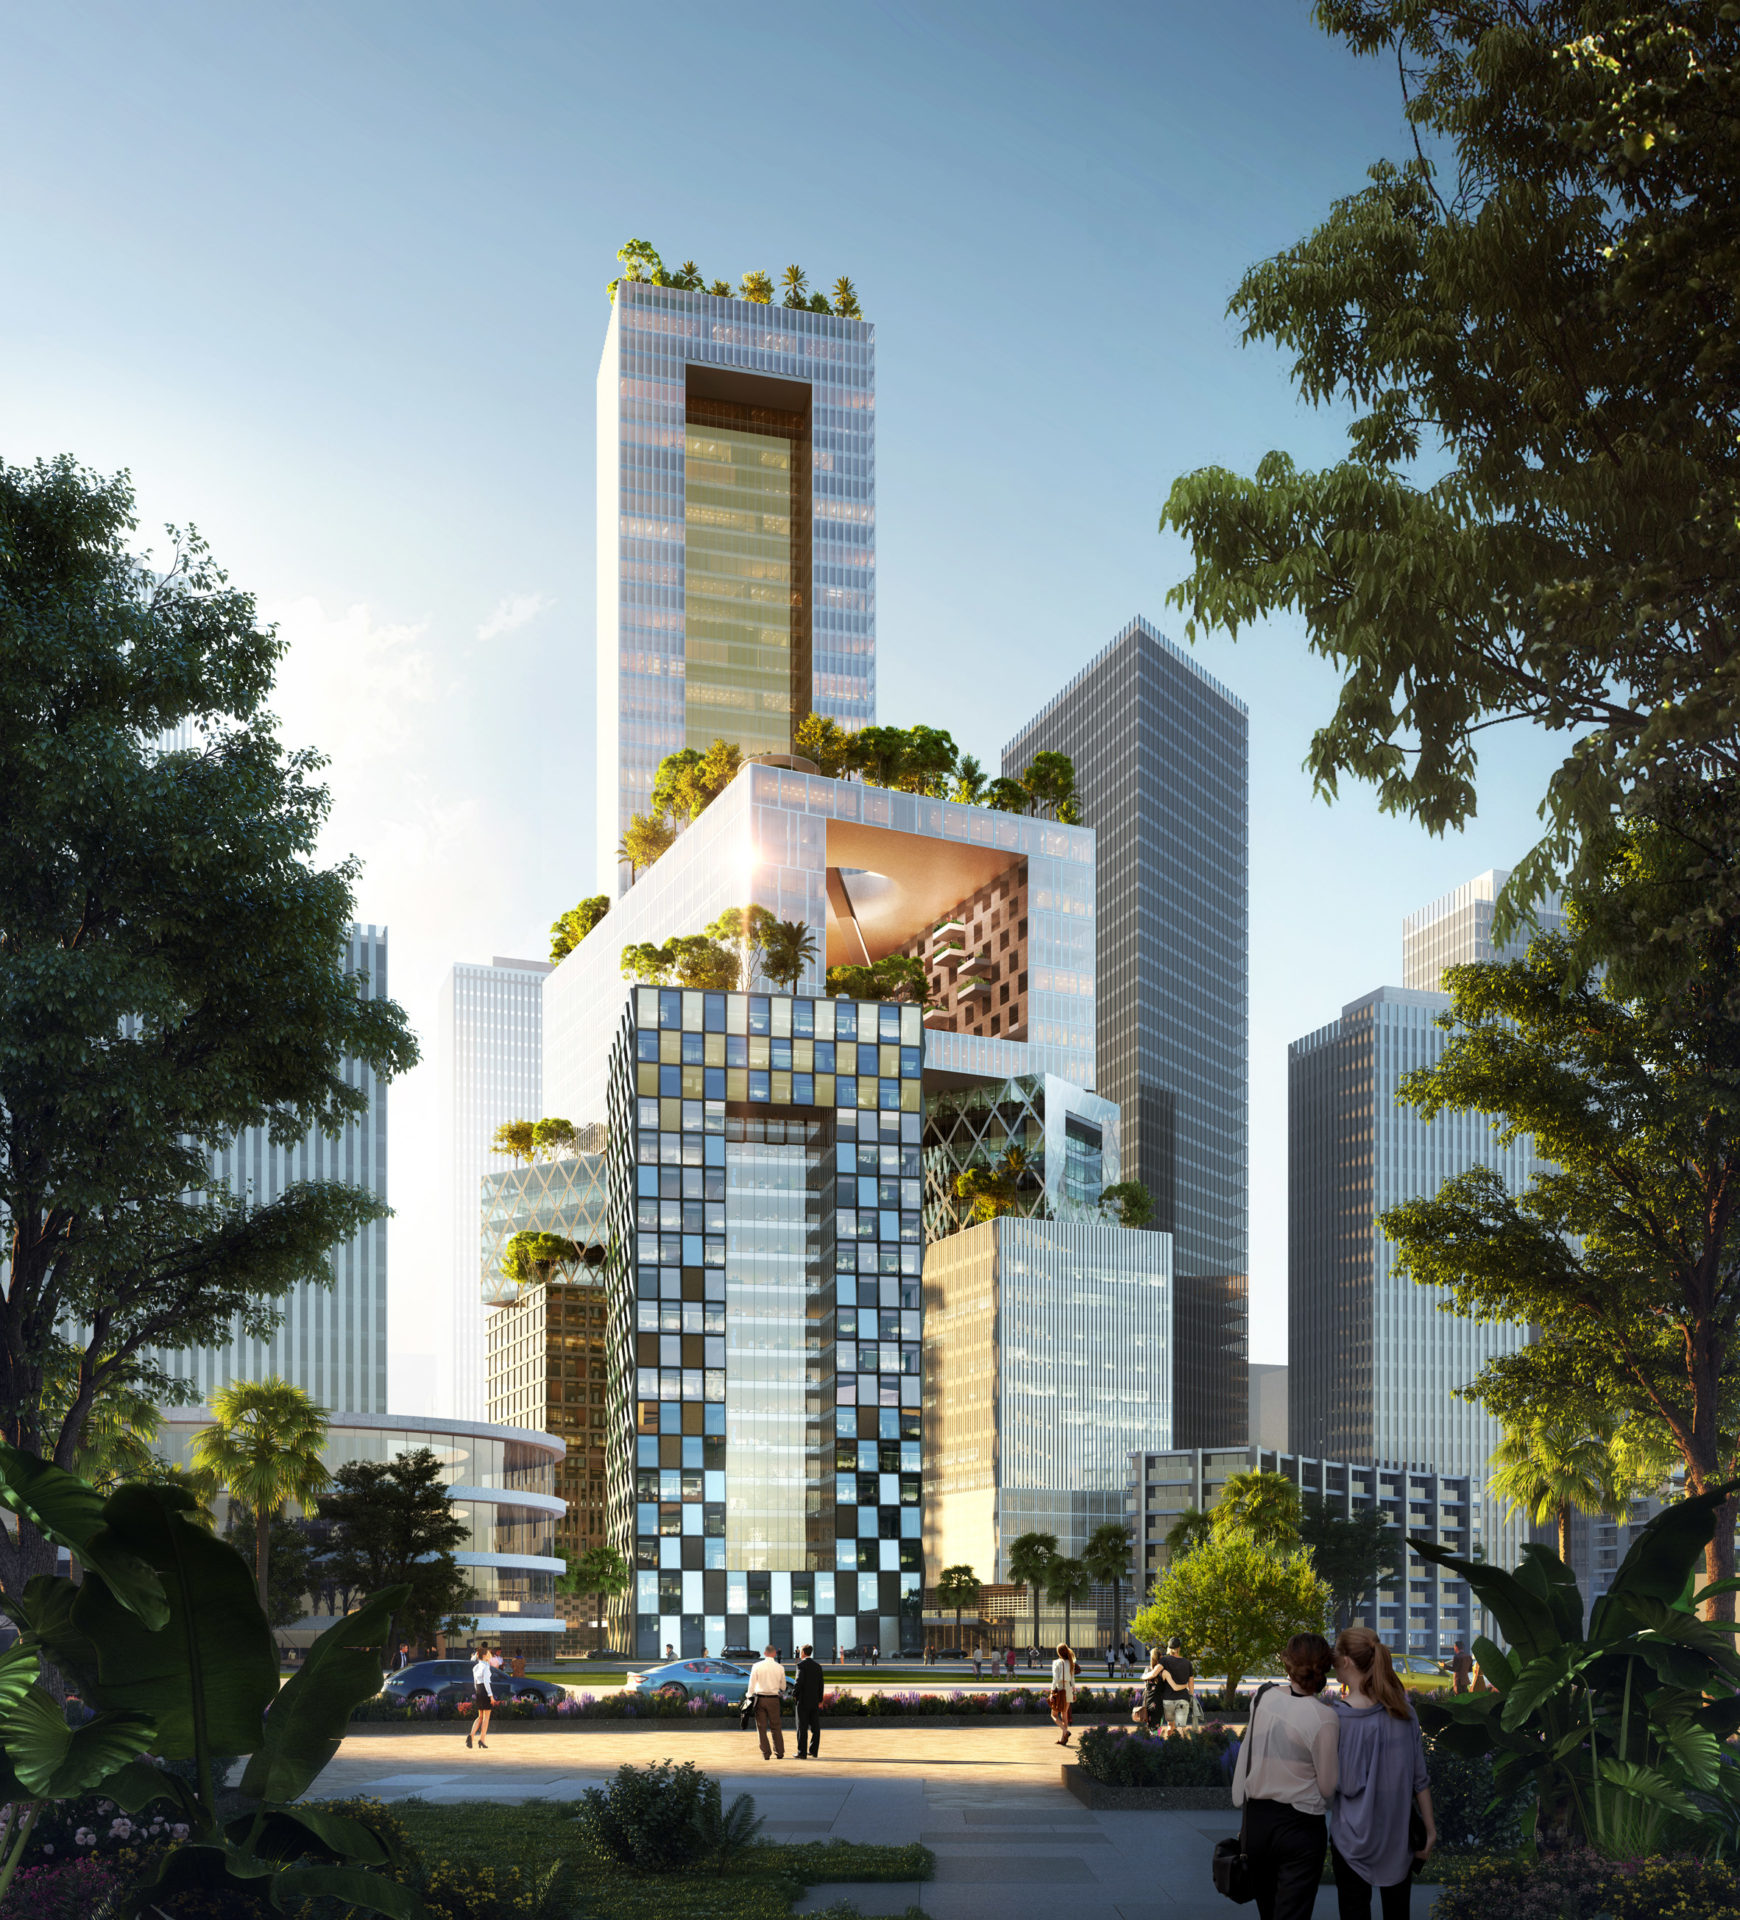 vanke-3D-city-mvrdv_dezeen_2364_col_2